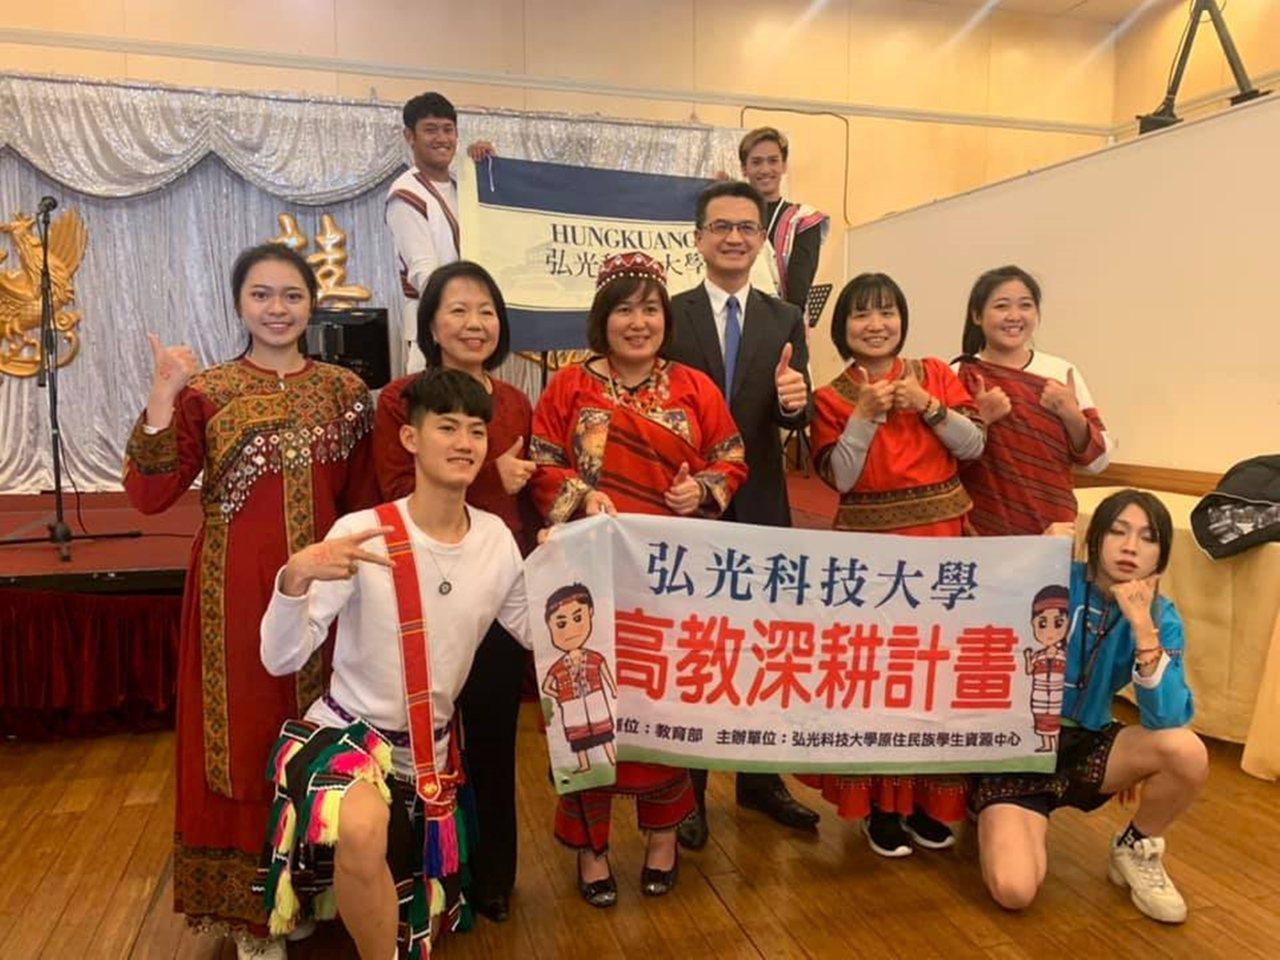 弘光科大原住民學生到紐西蘭文化交流,做國民外交。圖/弘光科大提供